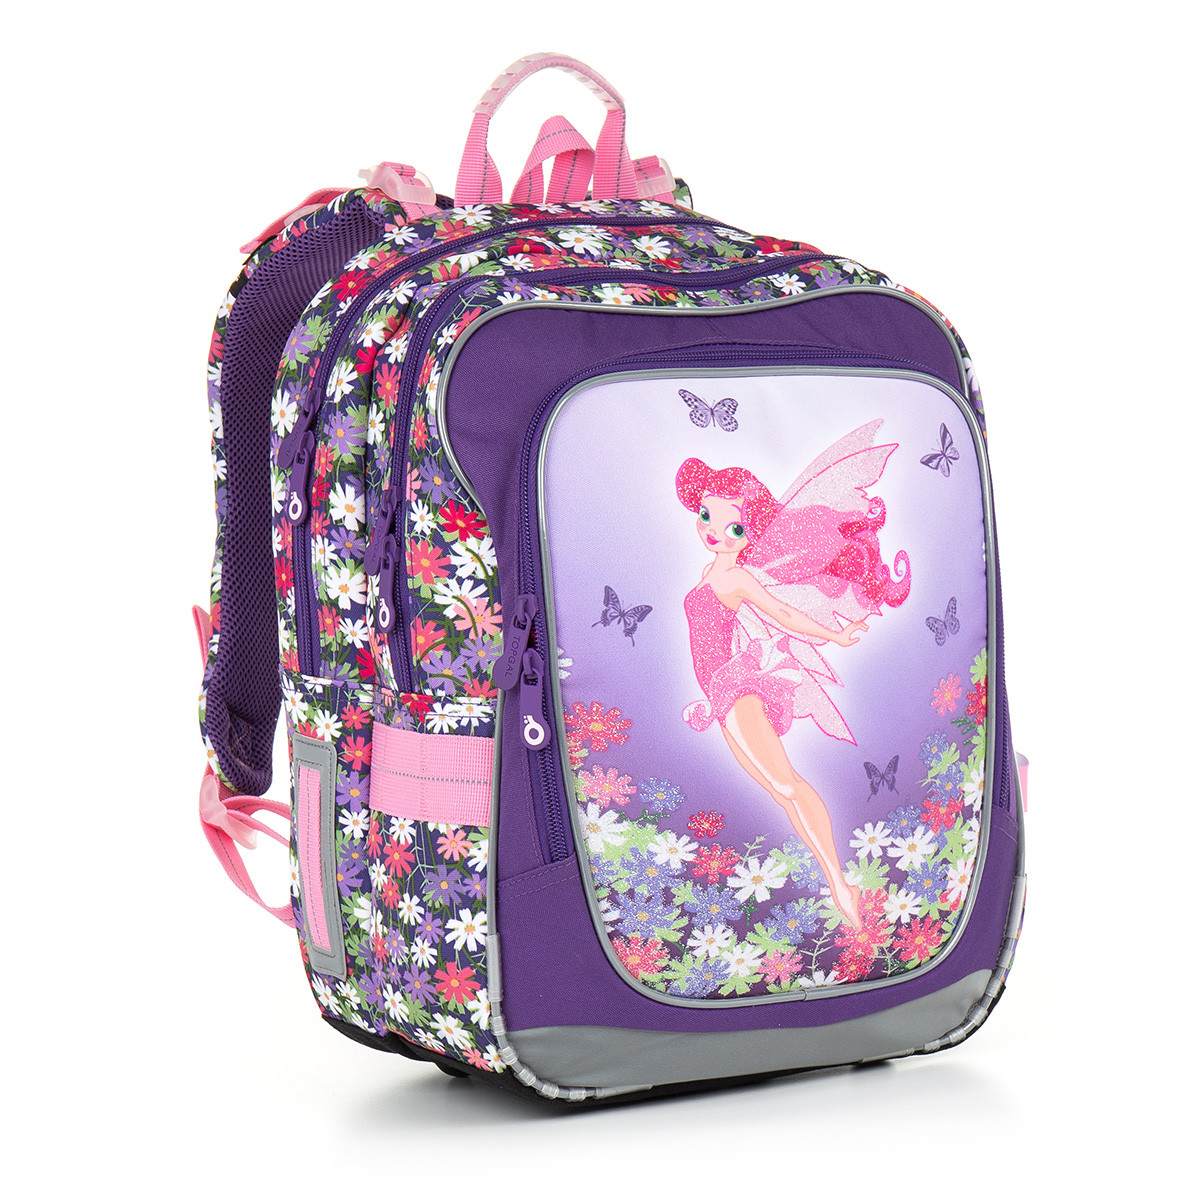 Školní batoh TOPGAL - CHI 879 I - Violet  17ebdde712